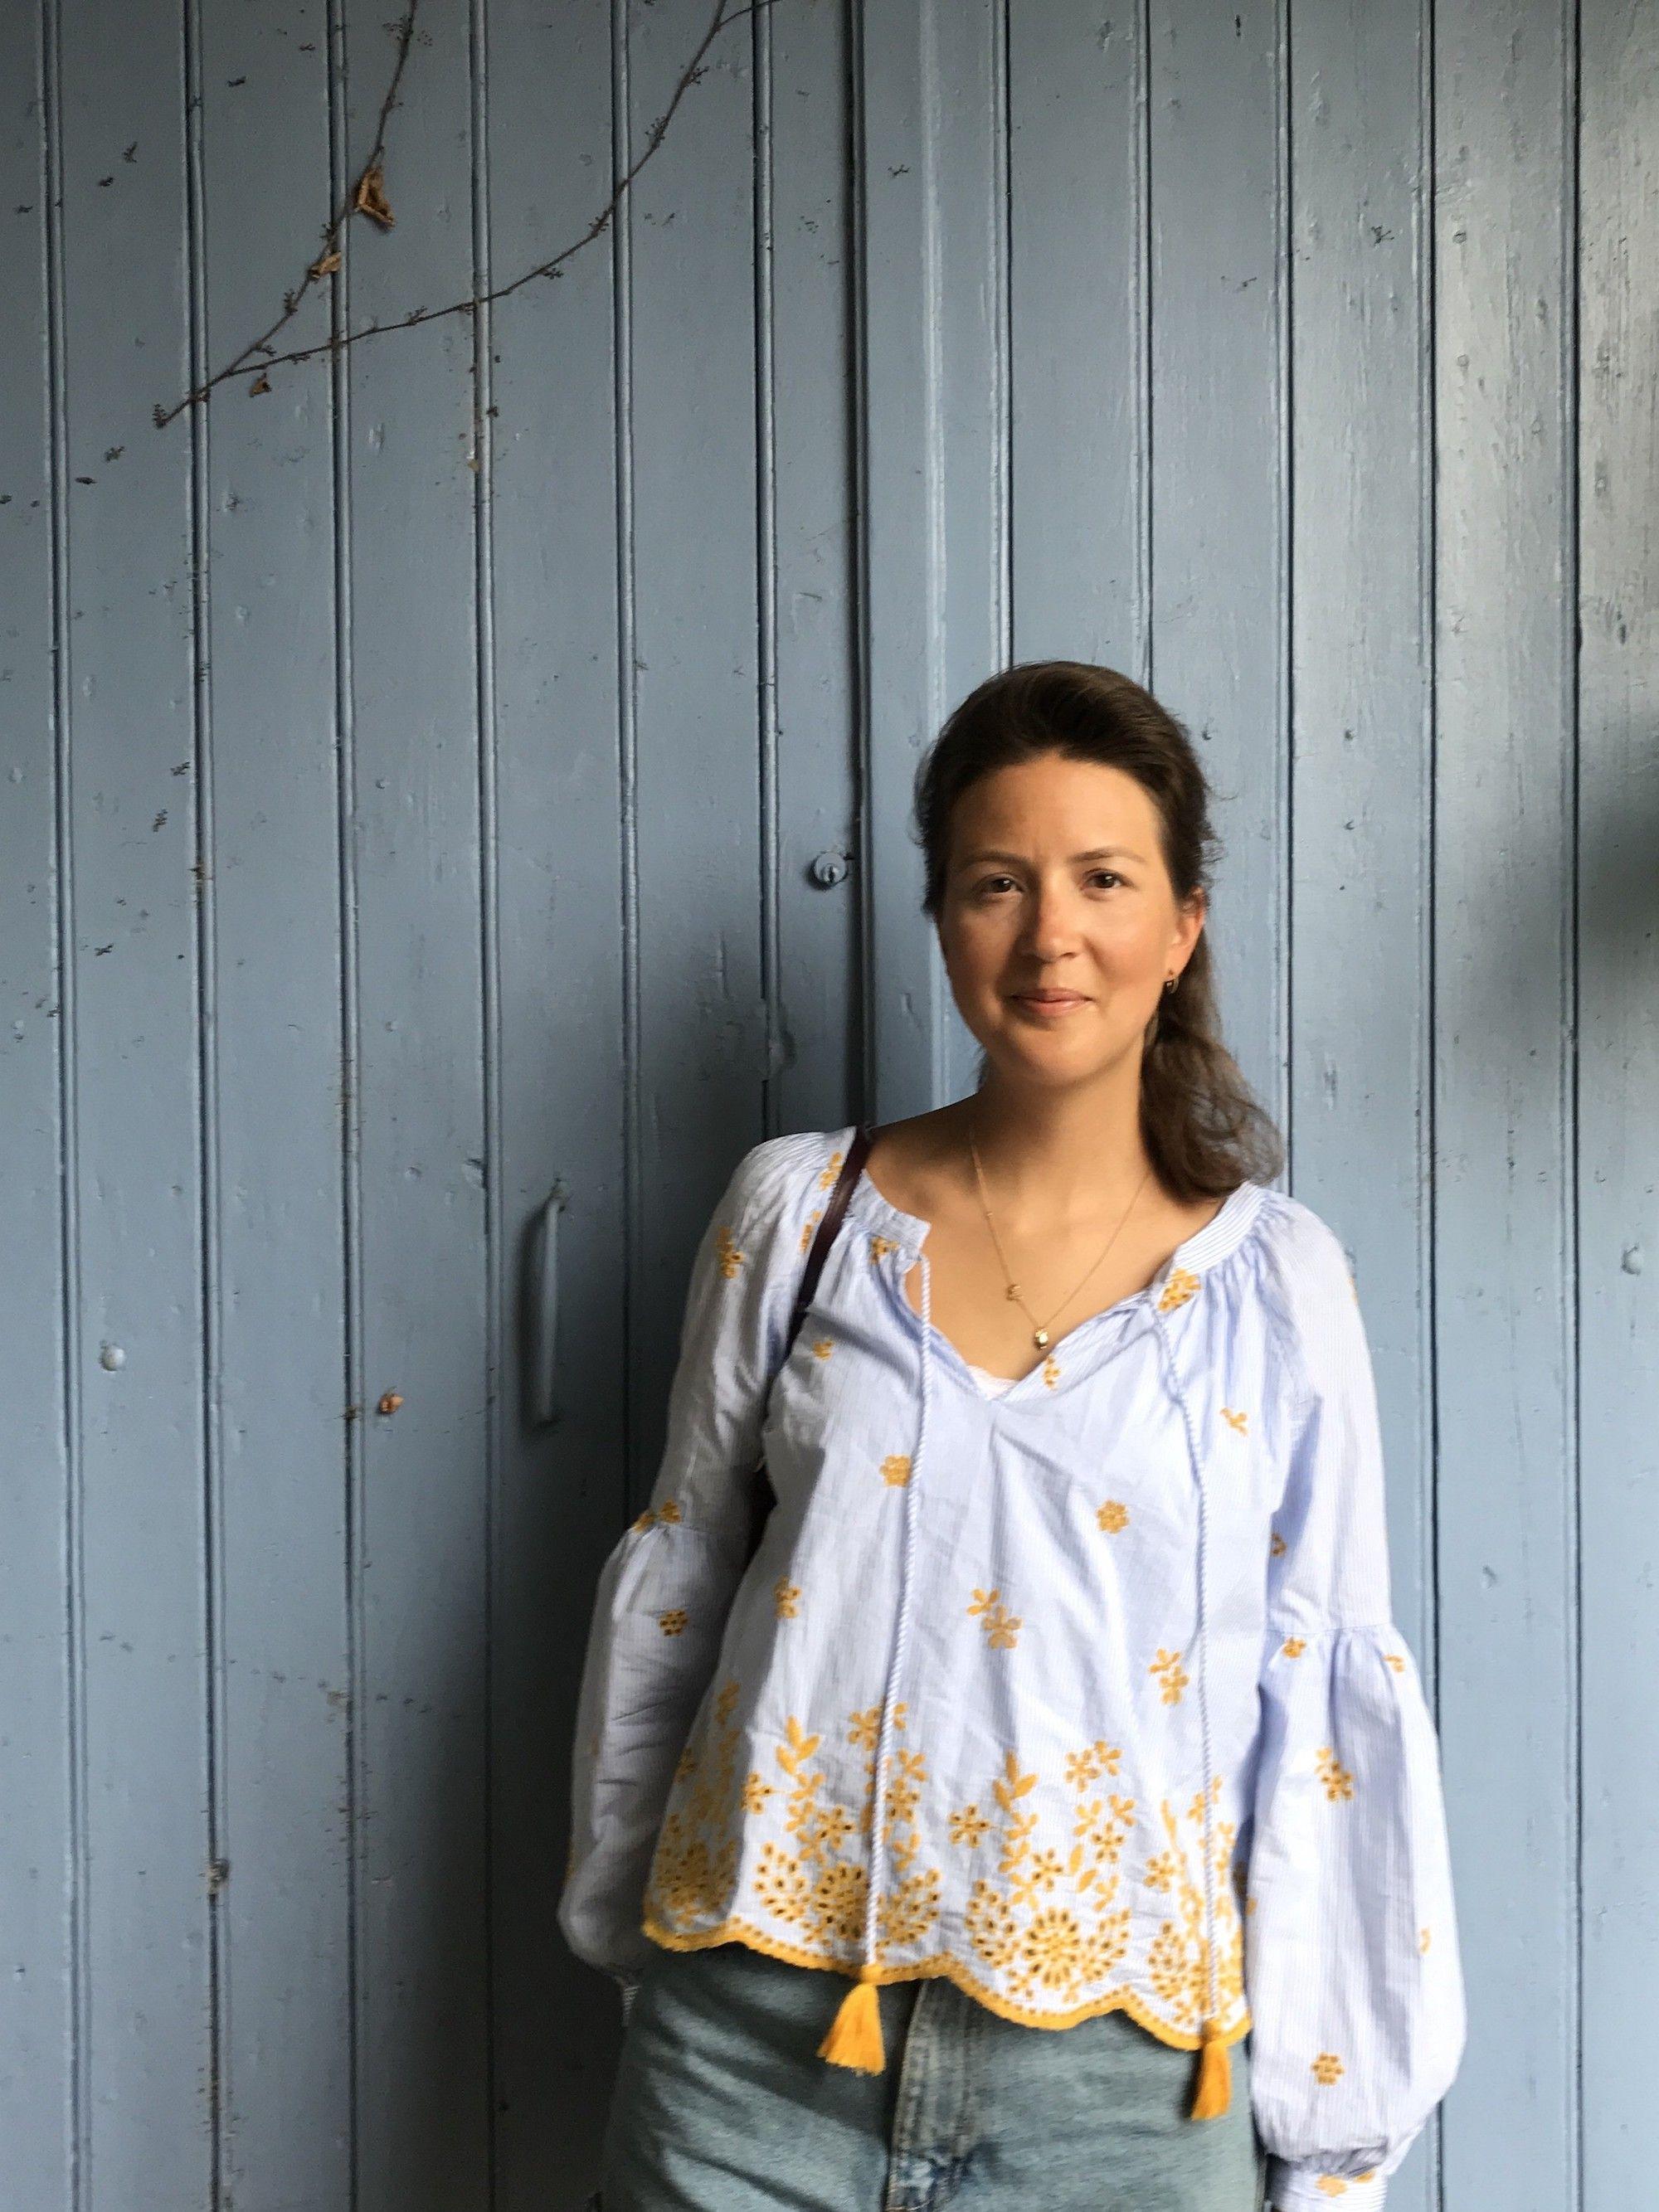 #10YearChallenge - Melissa Van Der Klugt now